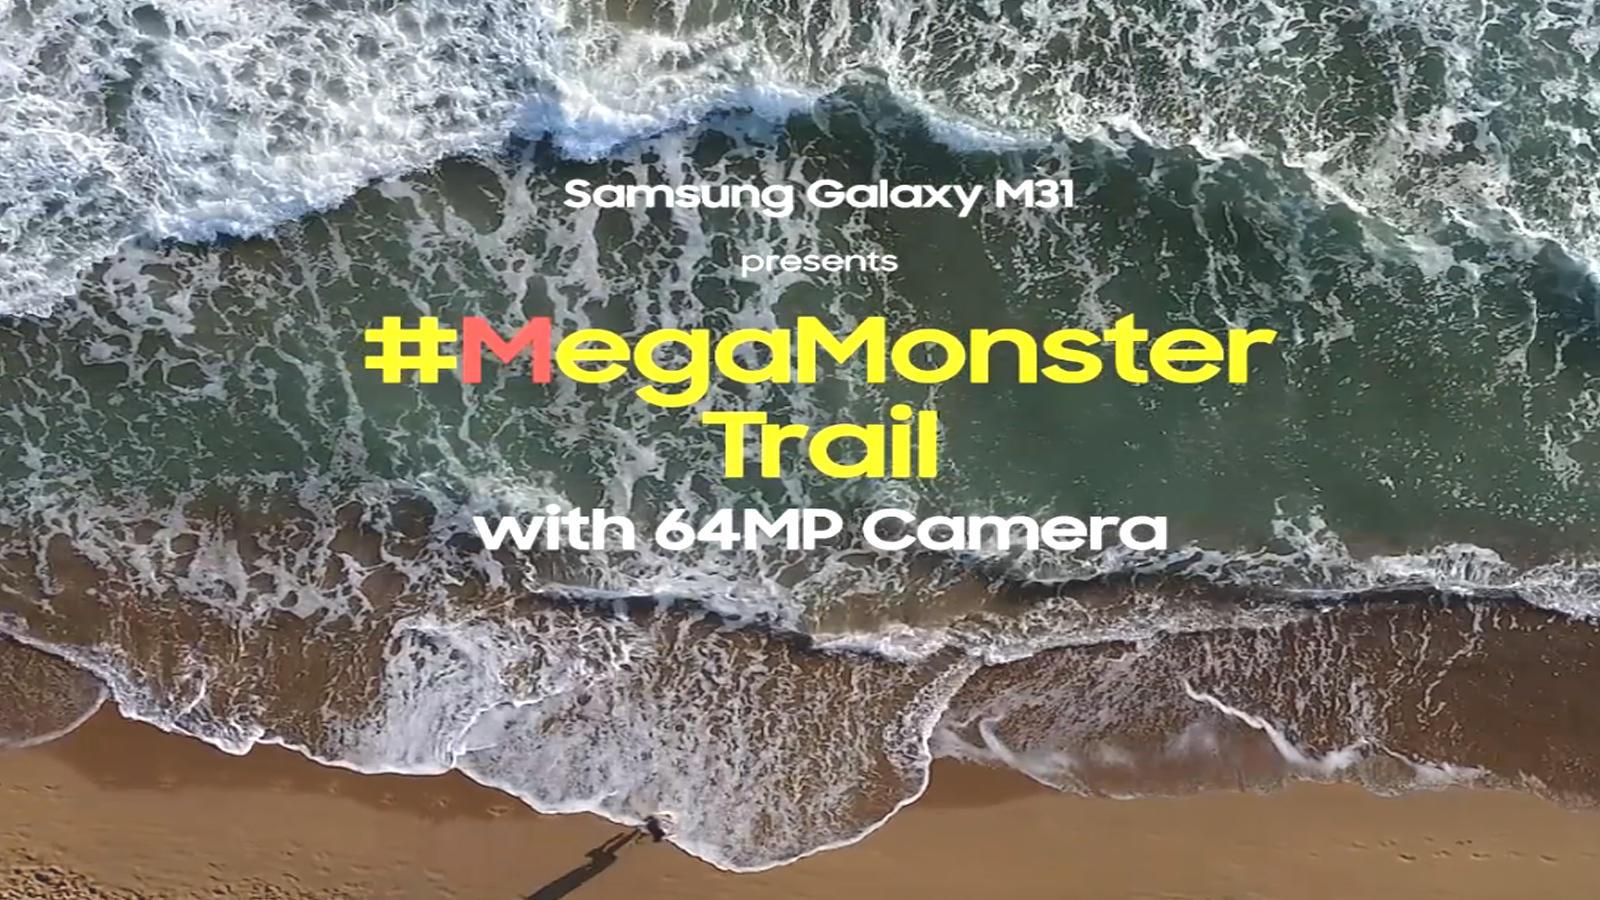 megamonster-trailer